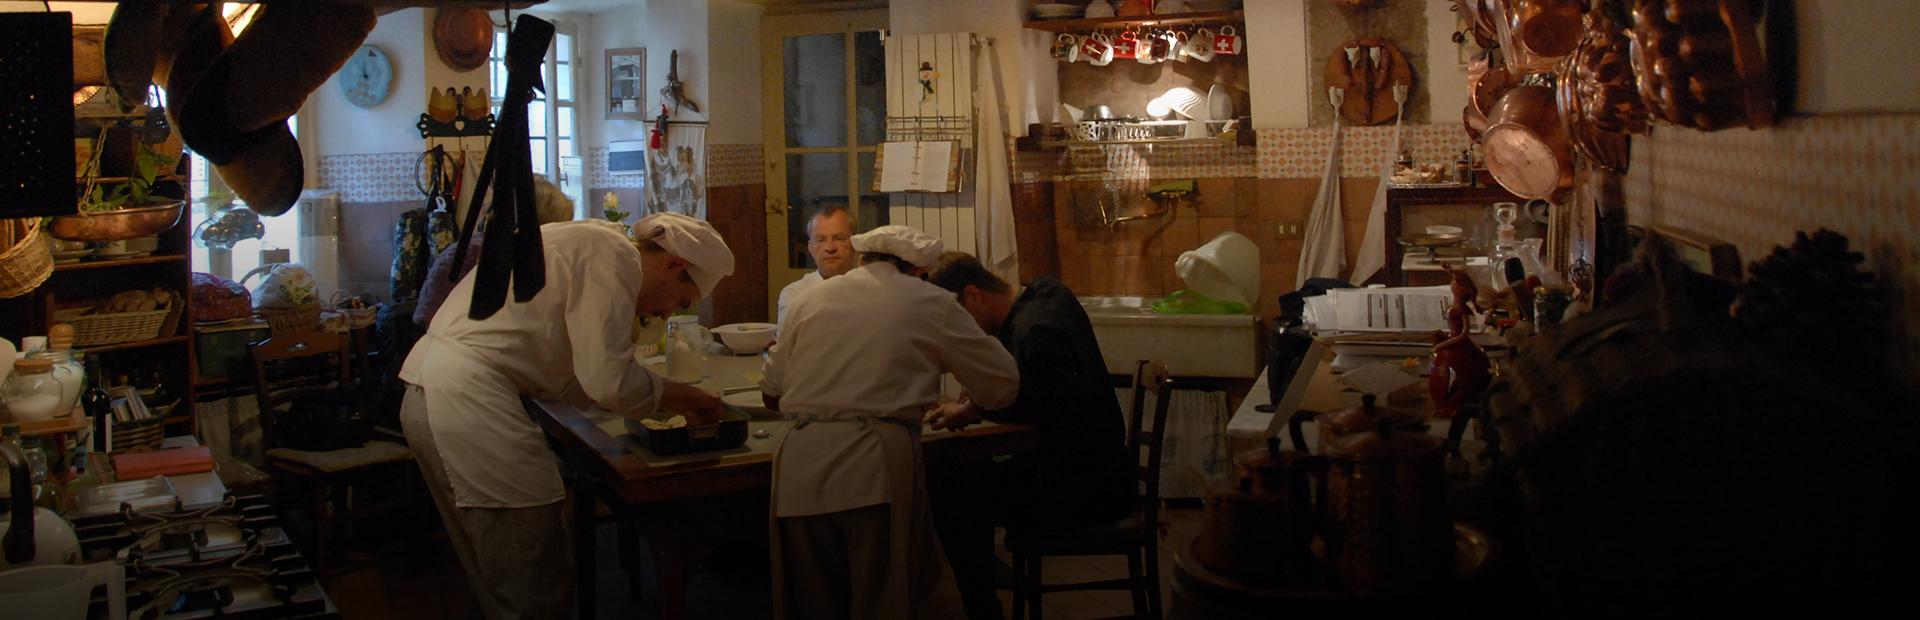 Corsi di cucina castello di proceno - Corsi cucina regione piemonte ...